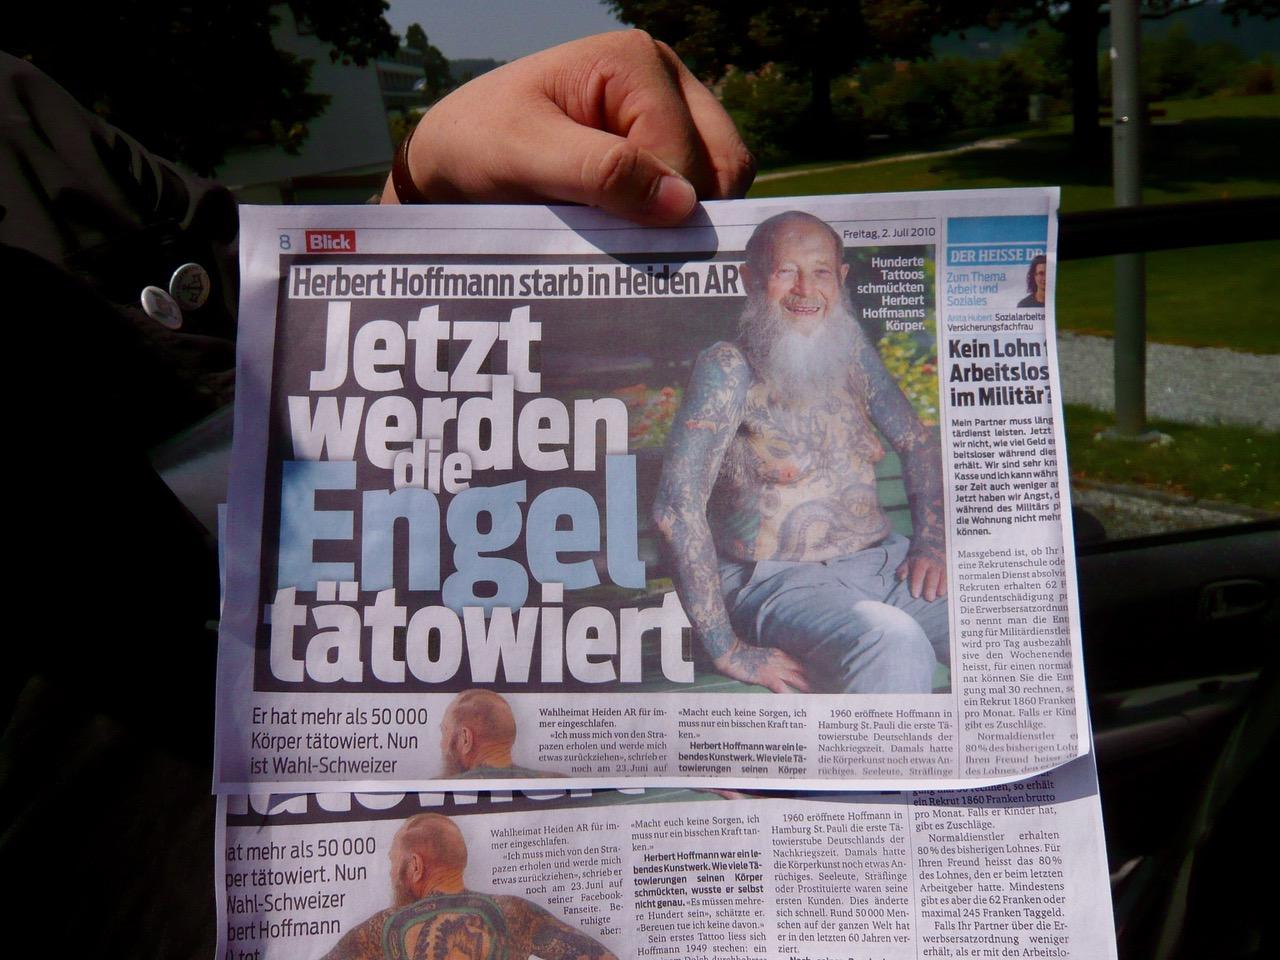 mark_benecke_herbert_hoffmann_schweiz - 52.jpeg